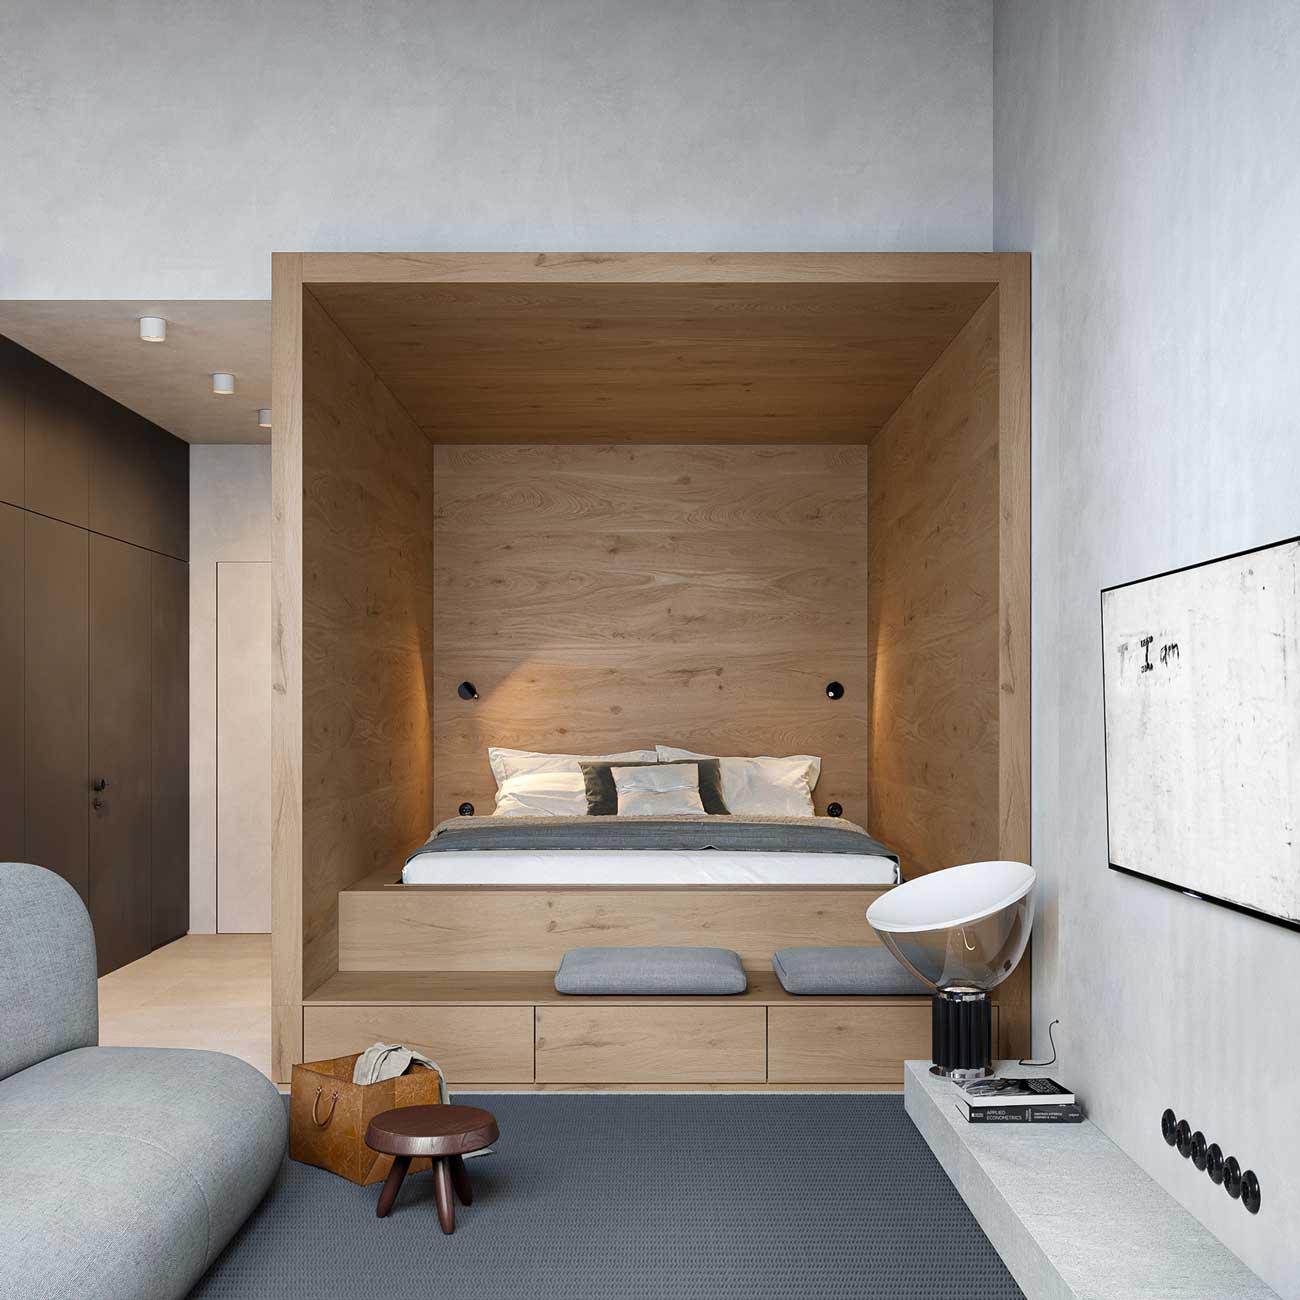 Une boîte en bois blond pour accueillir un lit